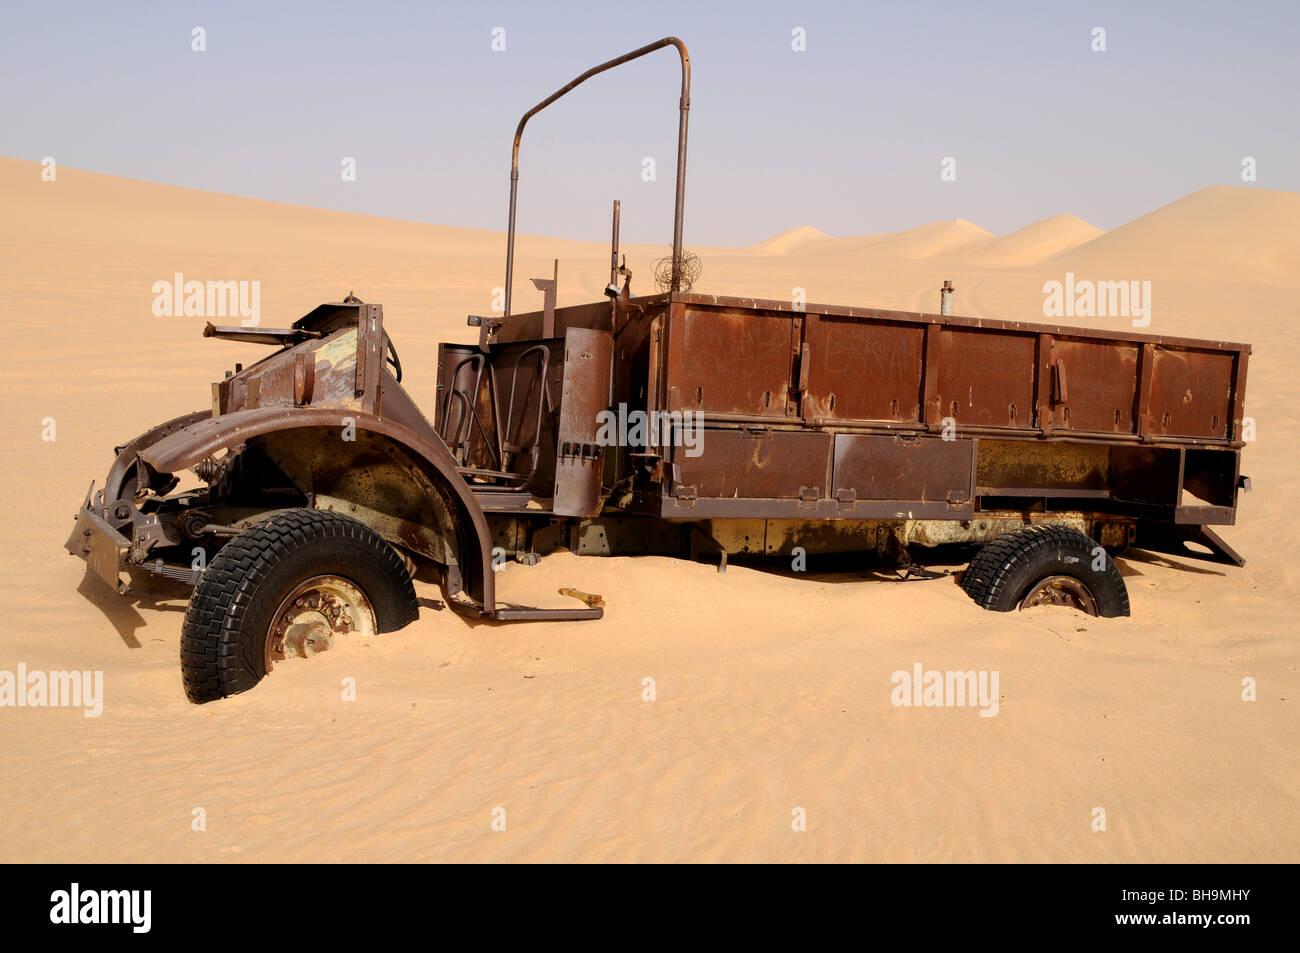 Eine Alte Militarische Fahrzeug Der Long Range Desert Group Einer